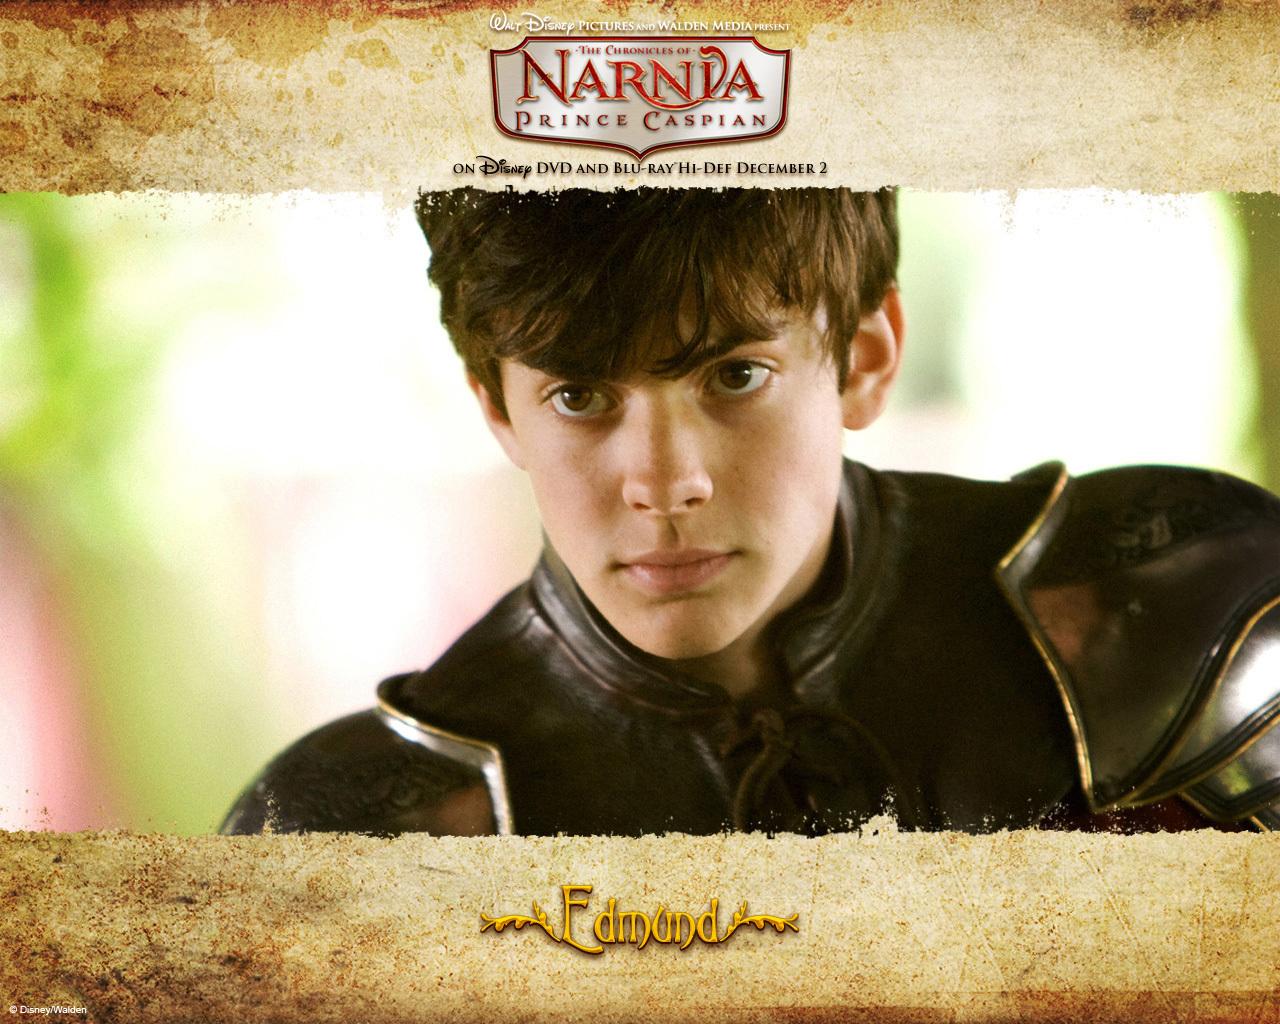 Edmund gaining maturity and becoming a leader   fanpop.com